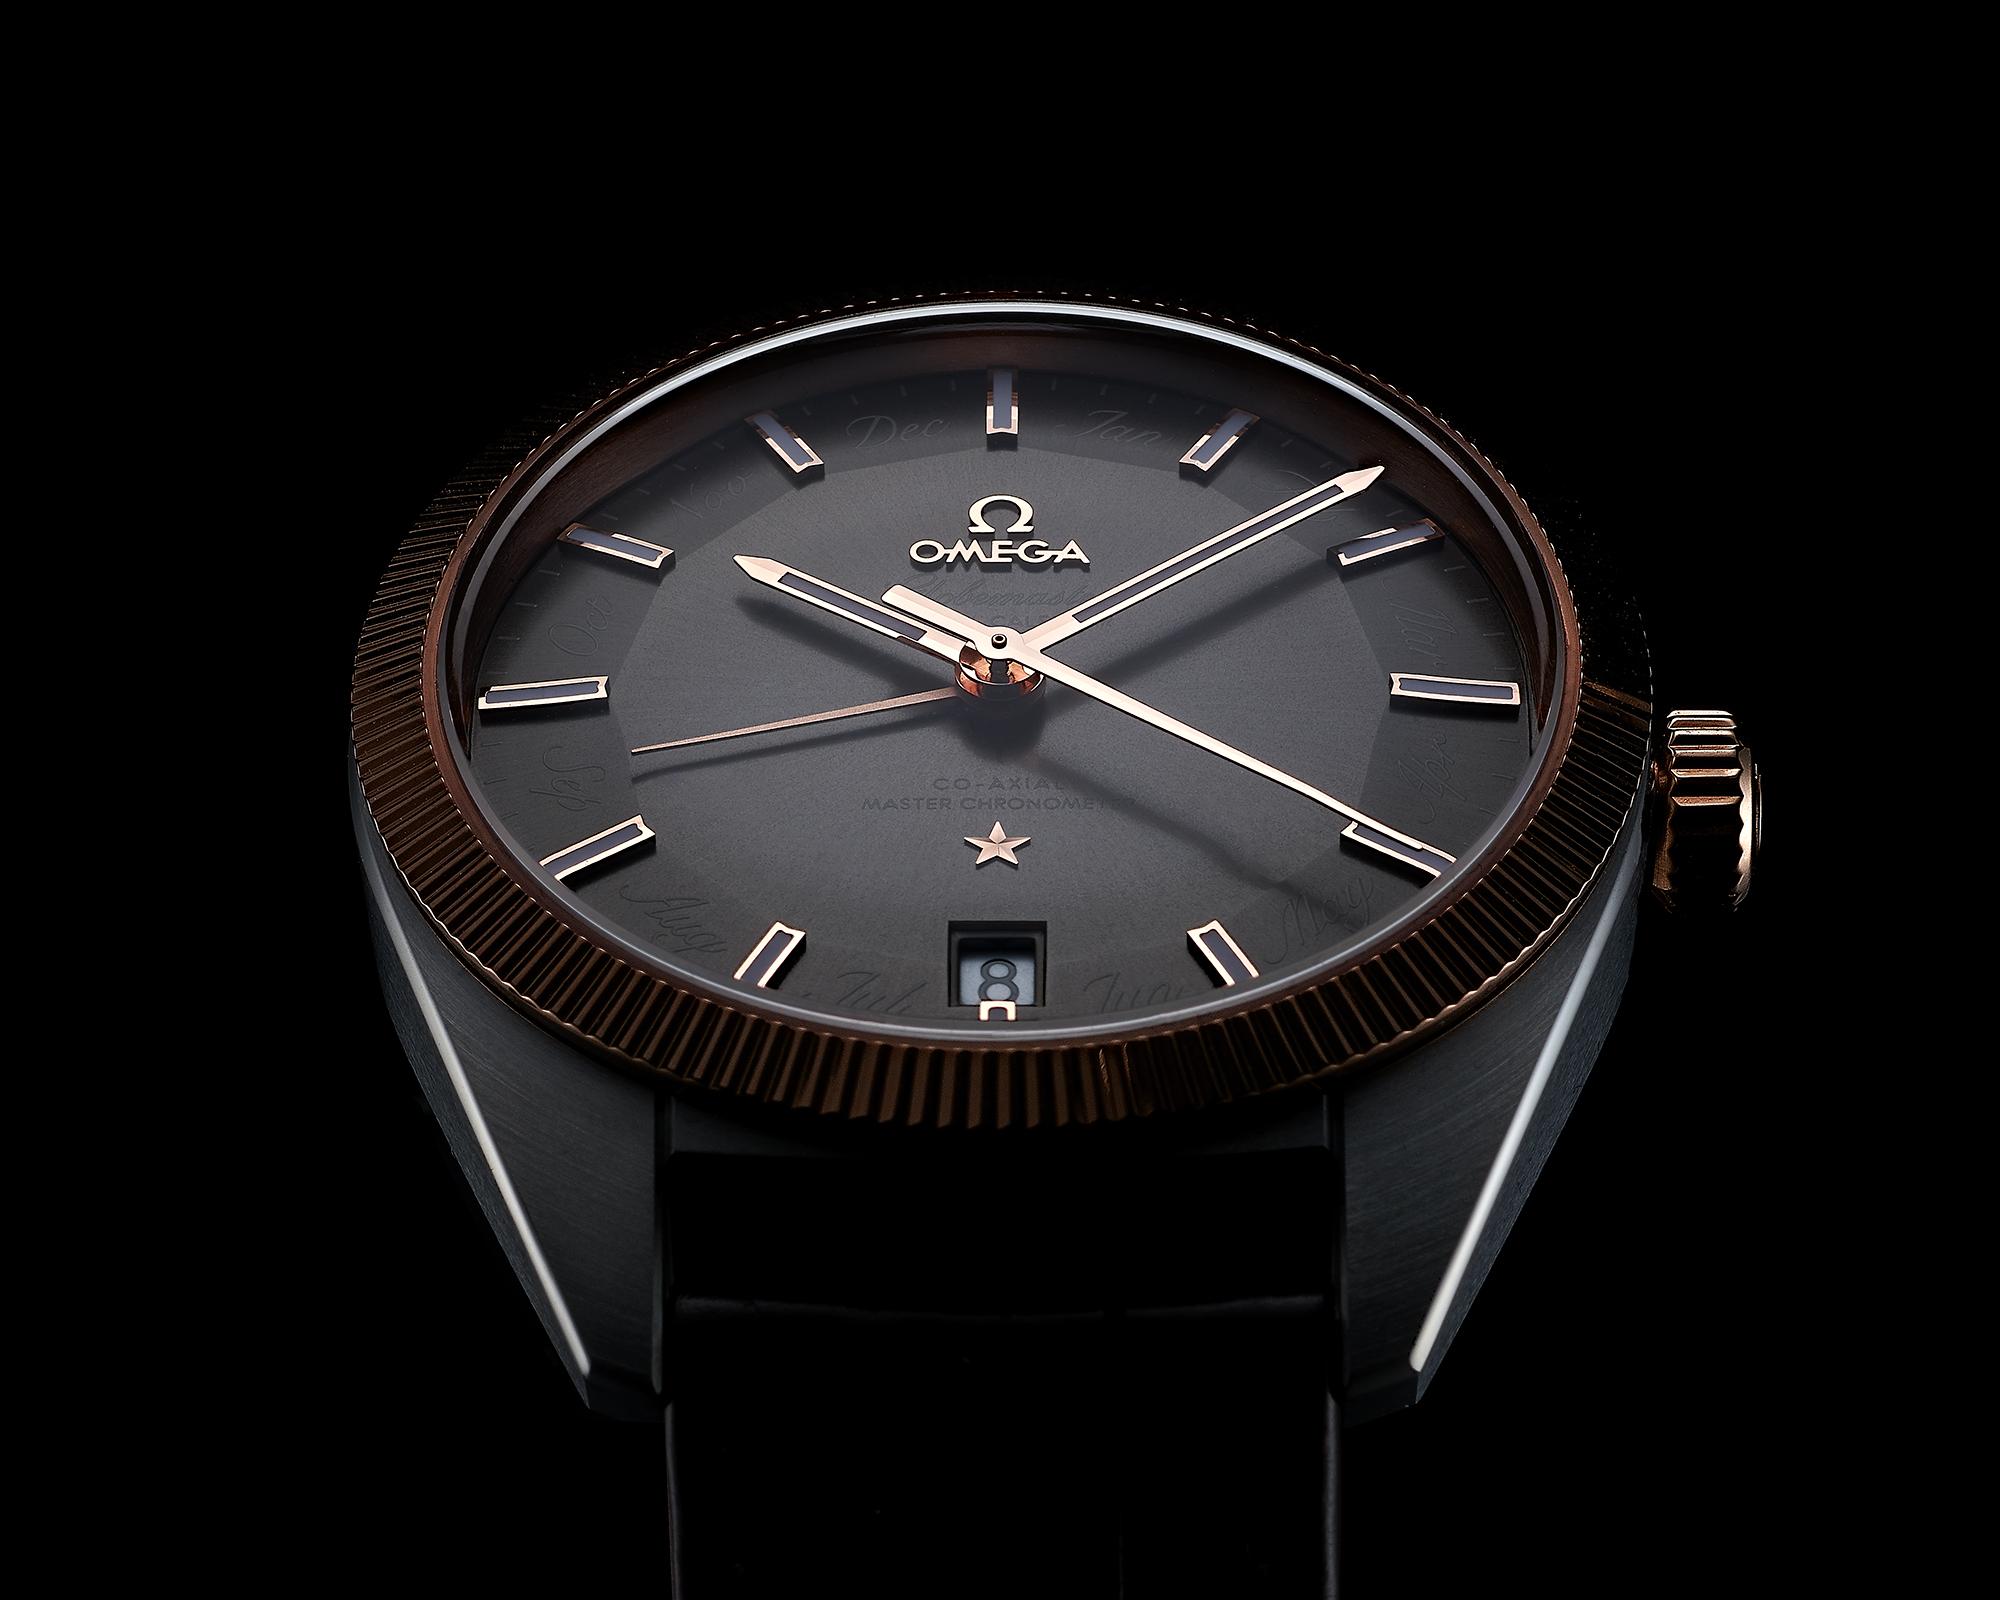 vue de 3/4 dessus la montre omega globemaster